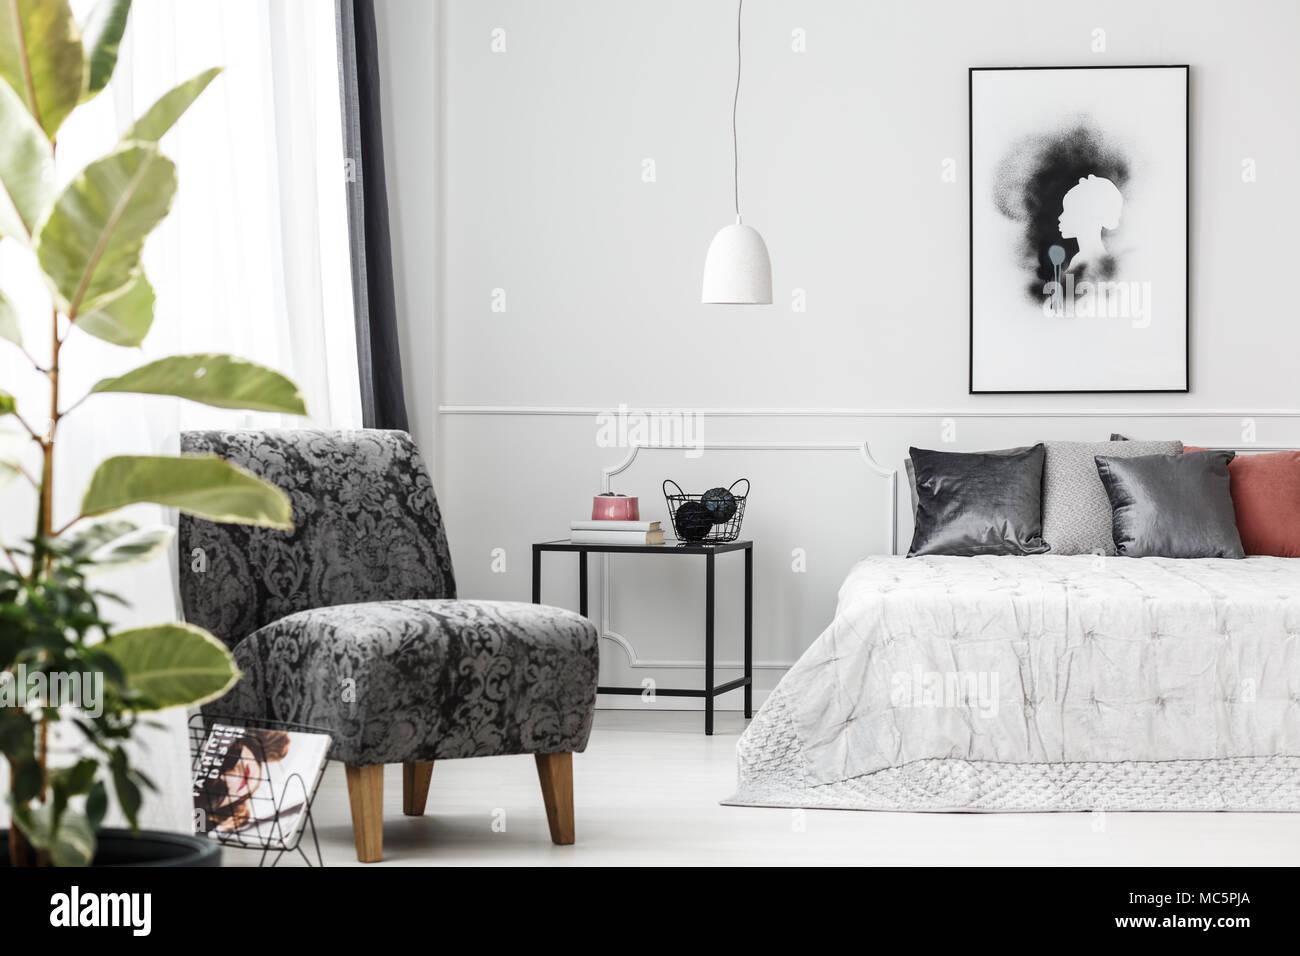 Camere Bianche E Grigie : Camere da letto moderne bianche e grigie camera da letto camera